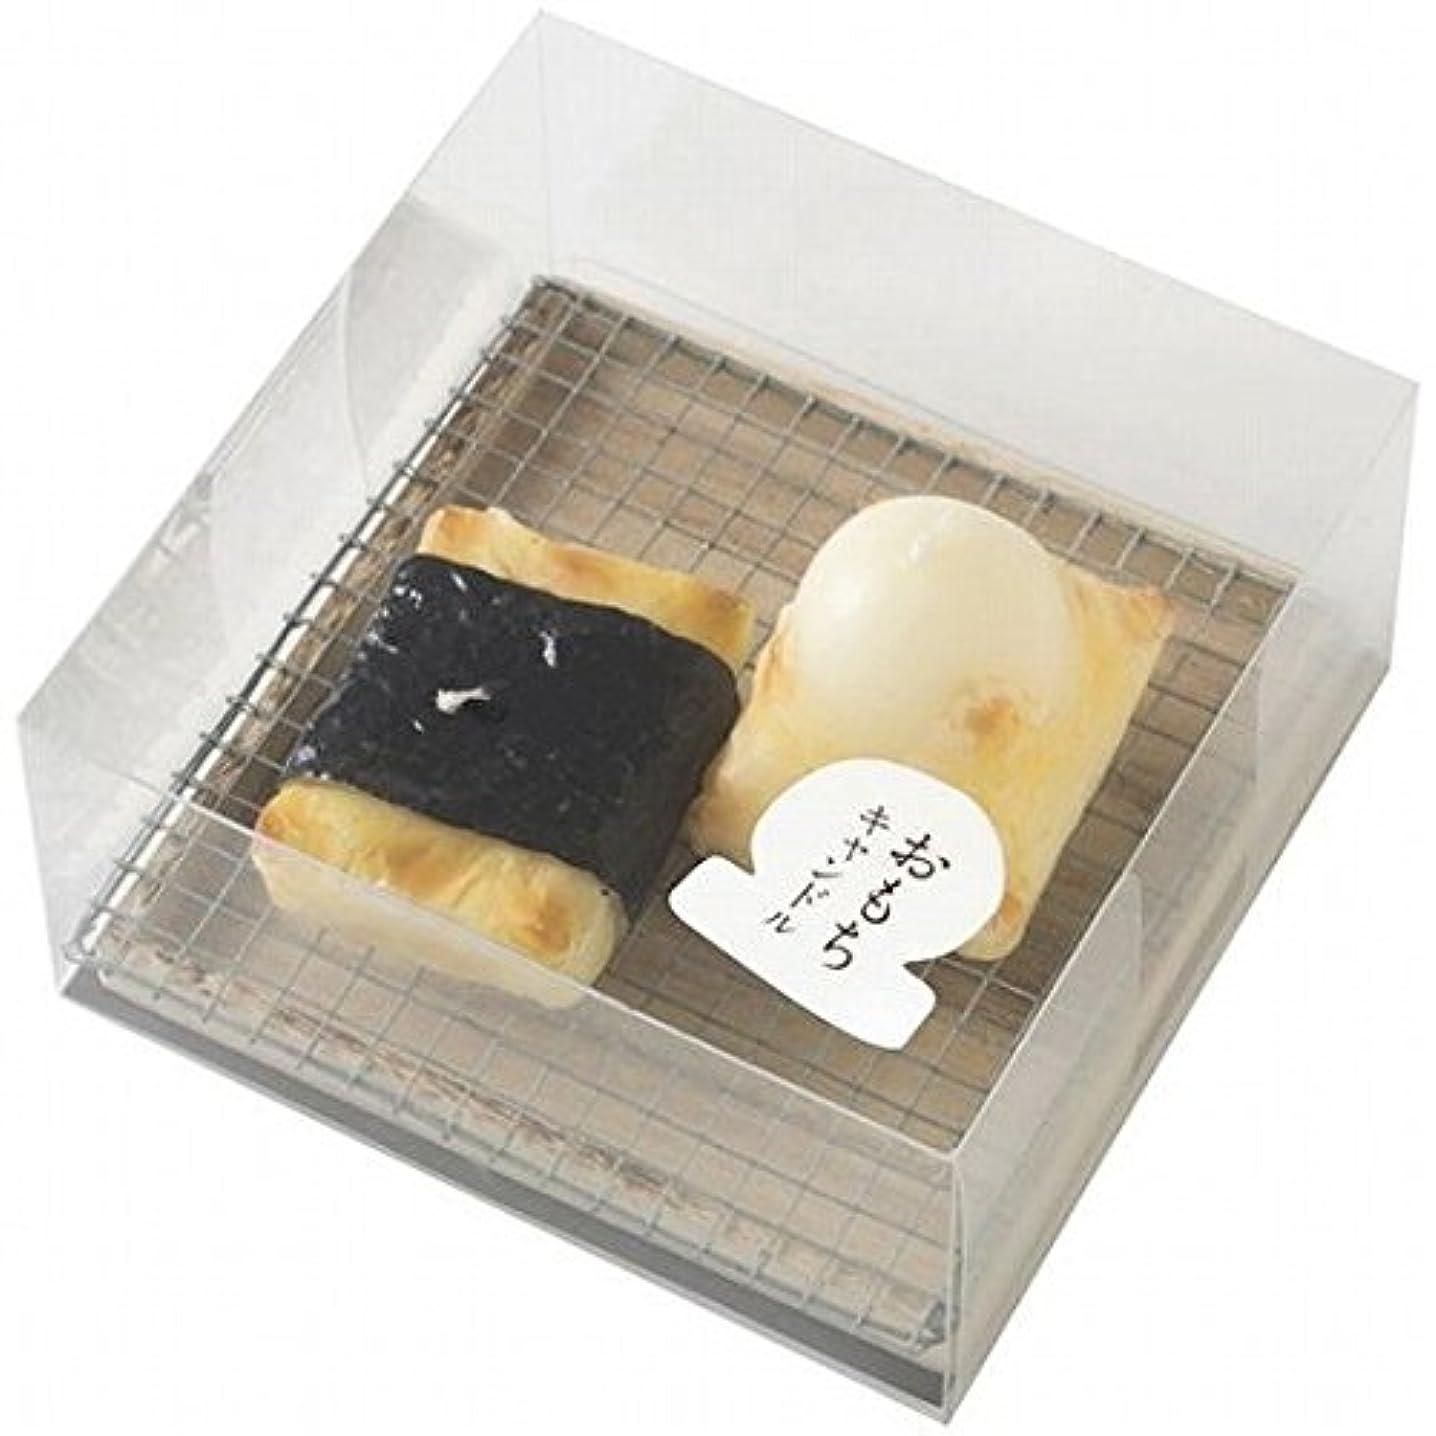 成長する行き当たりばったり咳kameyama candle(カメヤマキャンドル) おもちキャンドル(86930000)